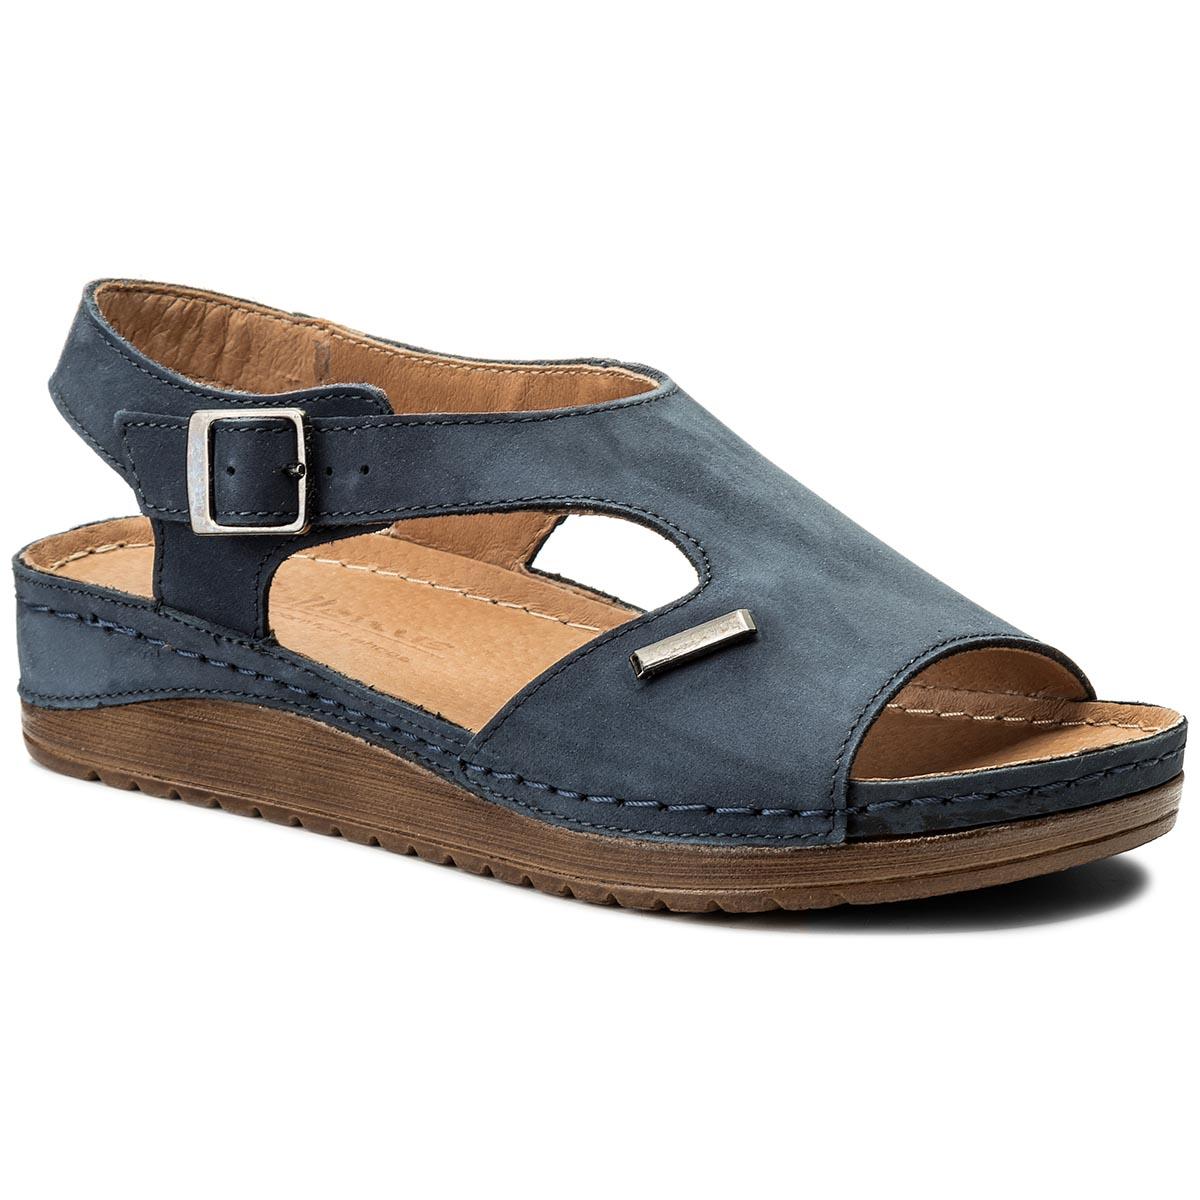 Sandále POLLONUS - 5-0913-001 Granat Samuel - Glami.sk 05547a4445d